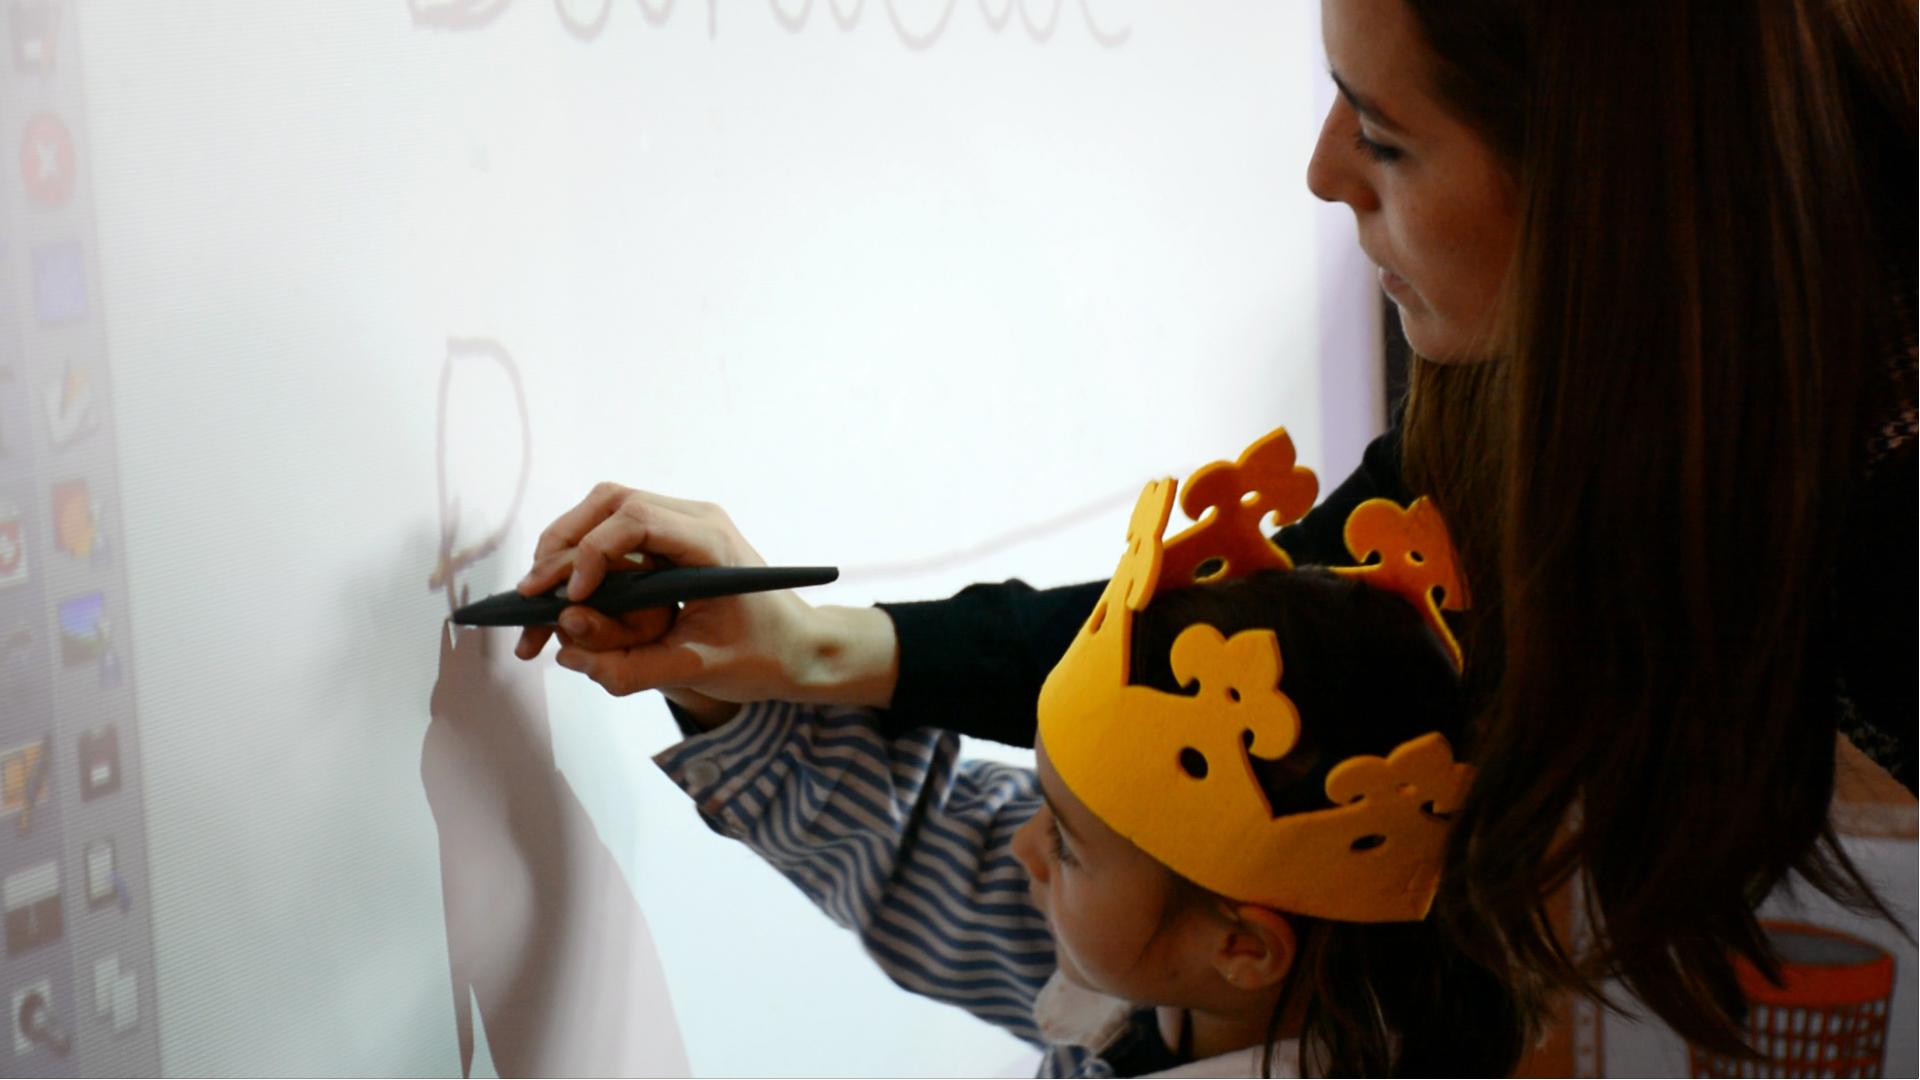 Profesora de educación infantil enseñando a un alumno a dibujar en la pizarra digital